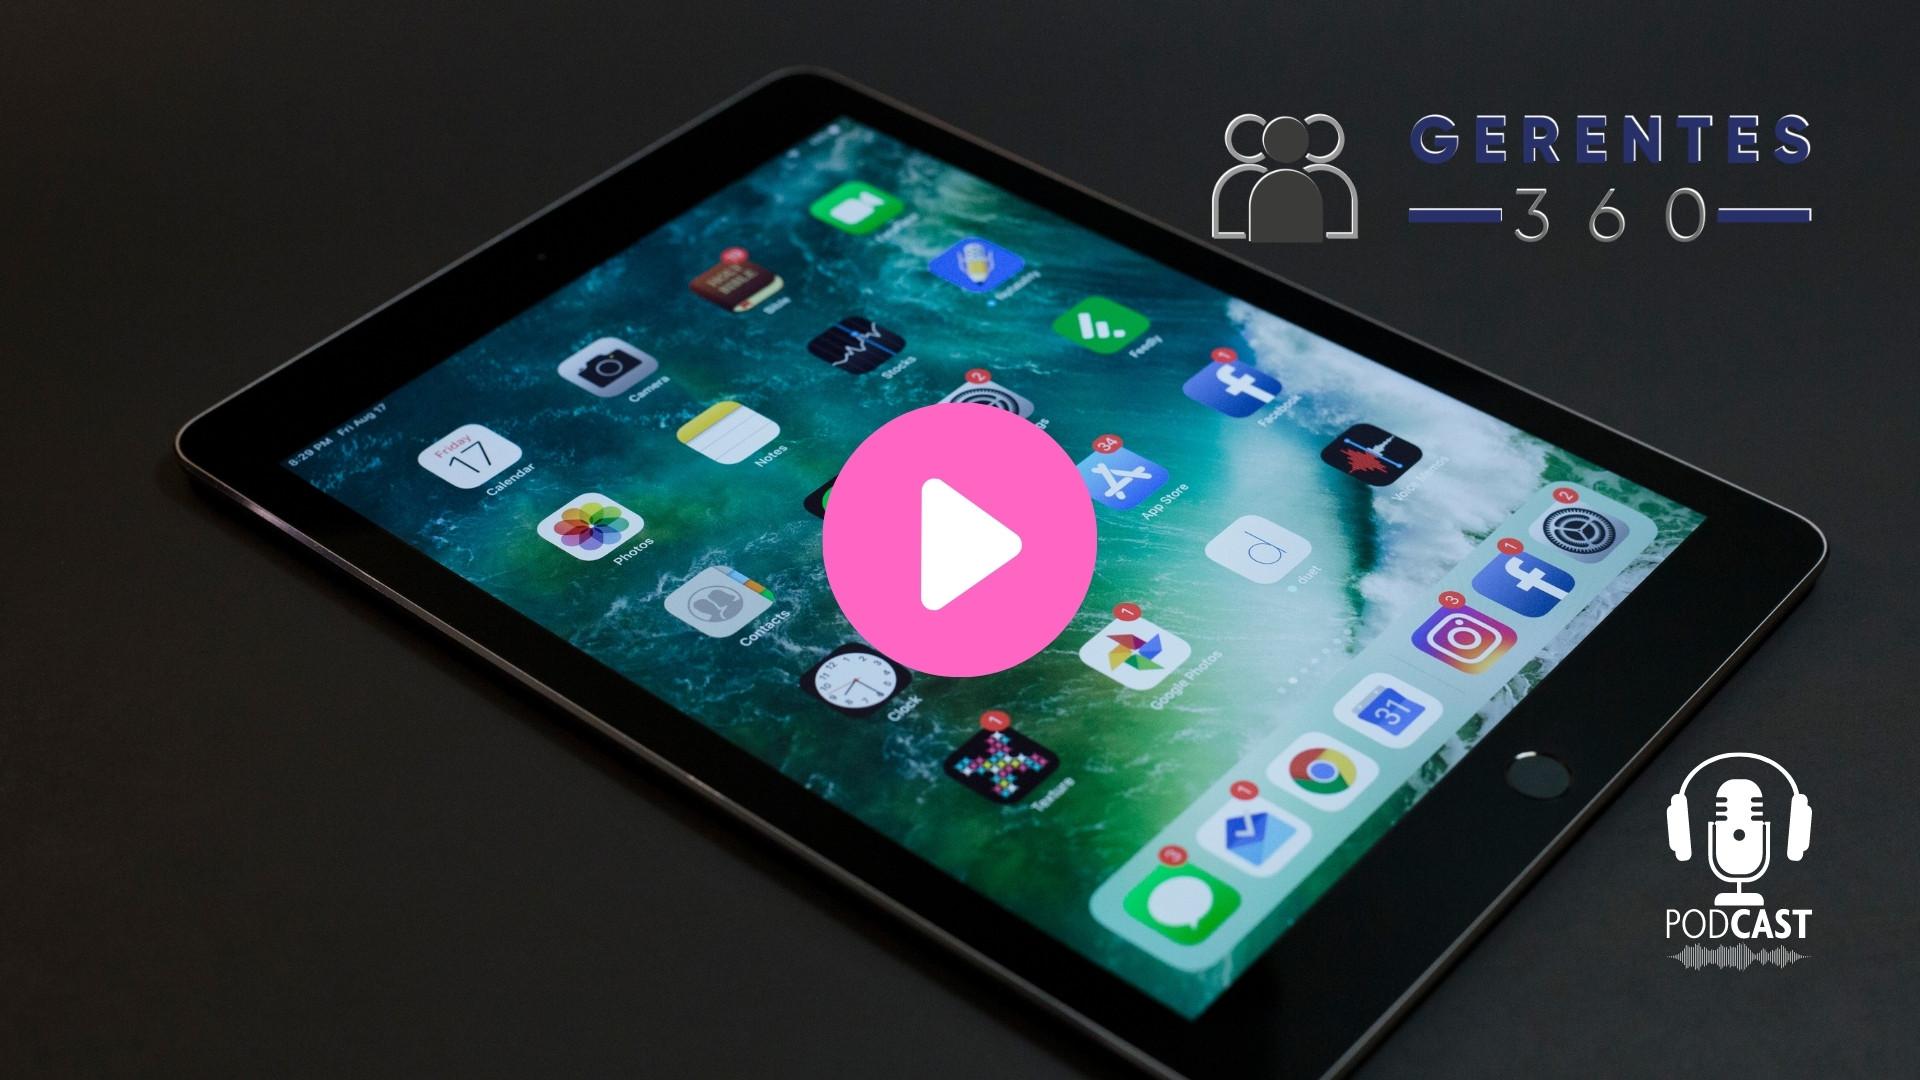 La deuda mundial se acerca a US $300 billones, lanzamientos del iPhone 13, Apple Watch Series 7 y nuevos modelos del iPad Mini y el iPad